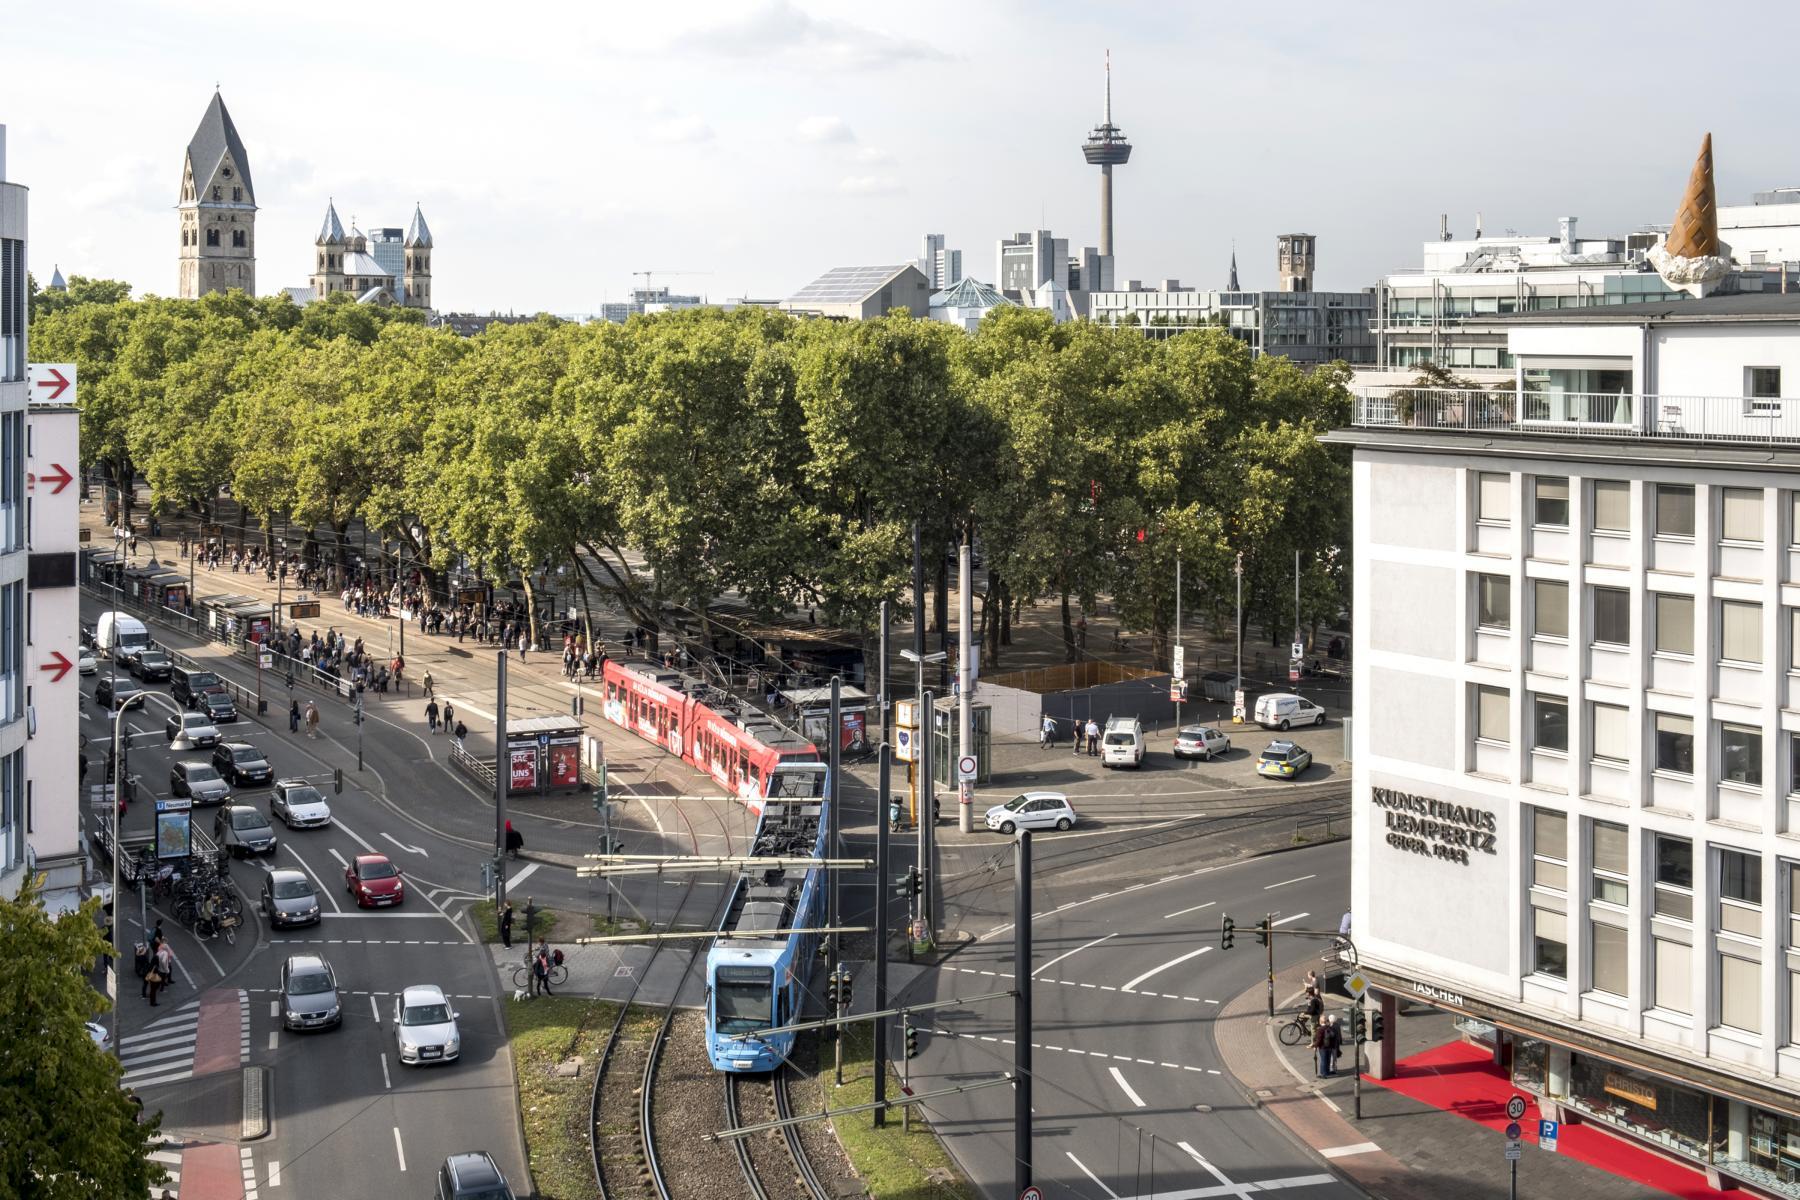 Diese schwierige und stark belastete Kreuzung am Neumarkt gäbe es nach einer Umgestaltung so nicht mehr, wenn ein Tunnel bis zum Rudolfplatz gebaut würde.